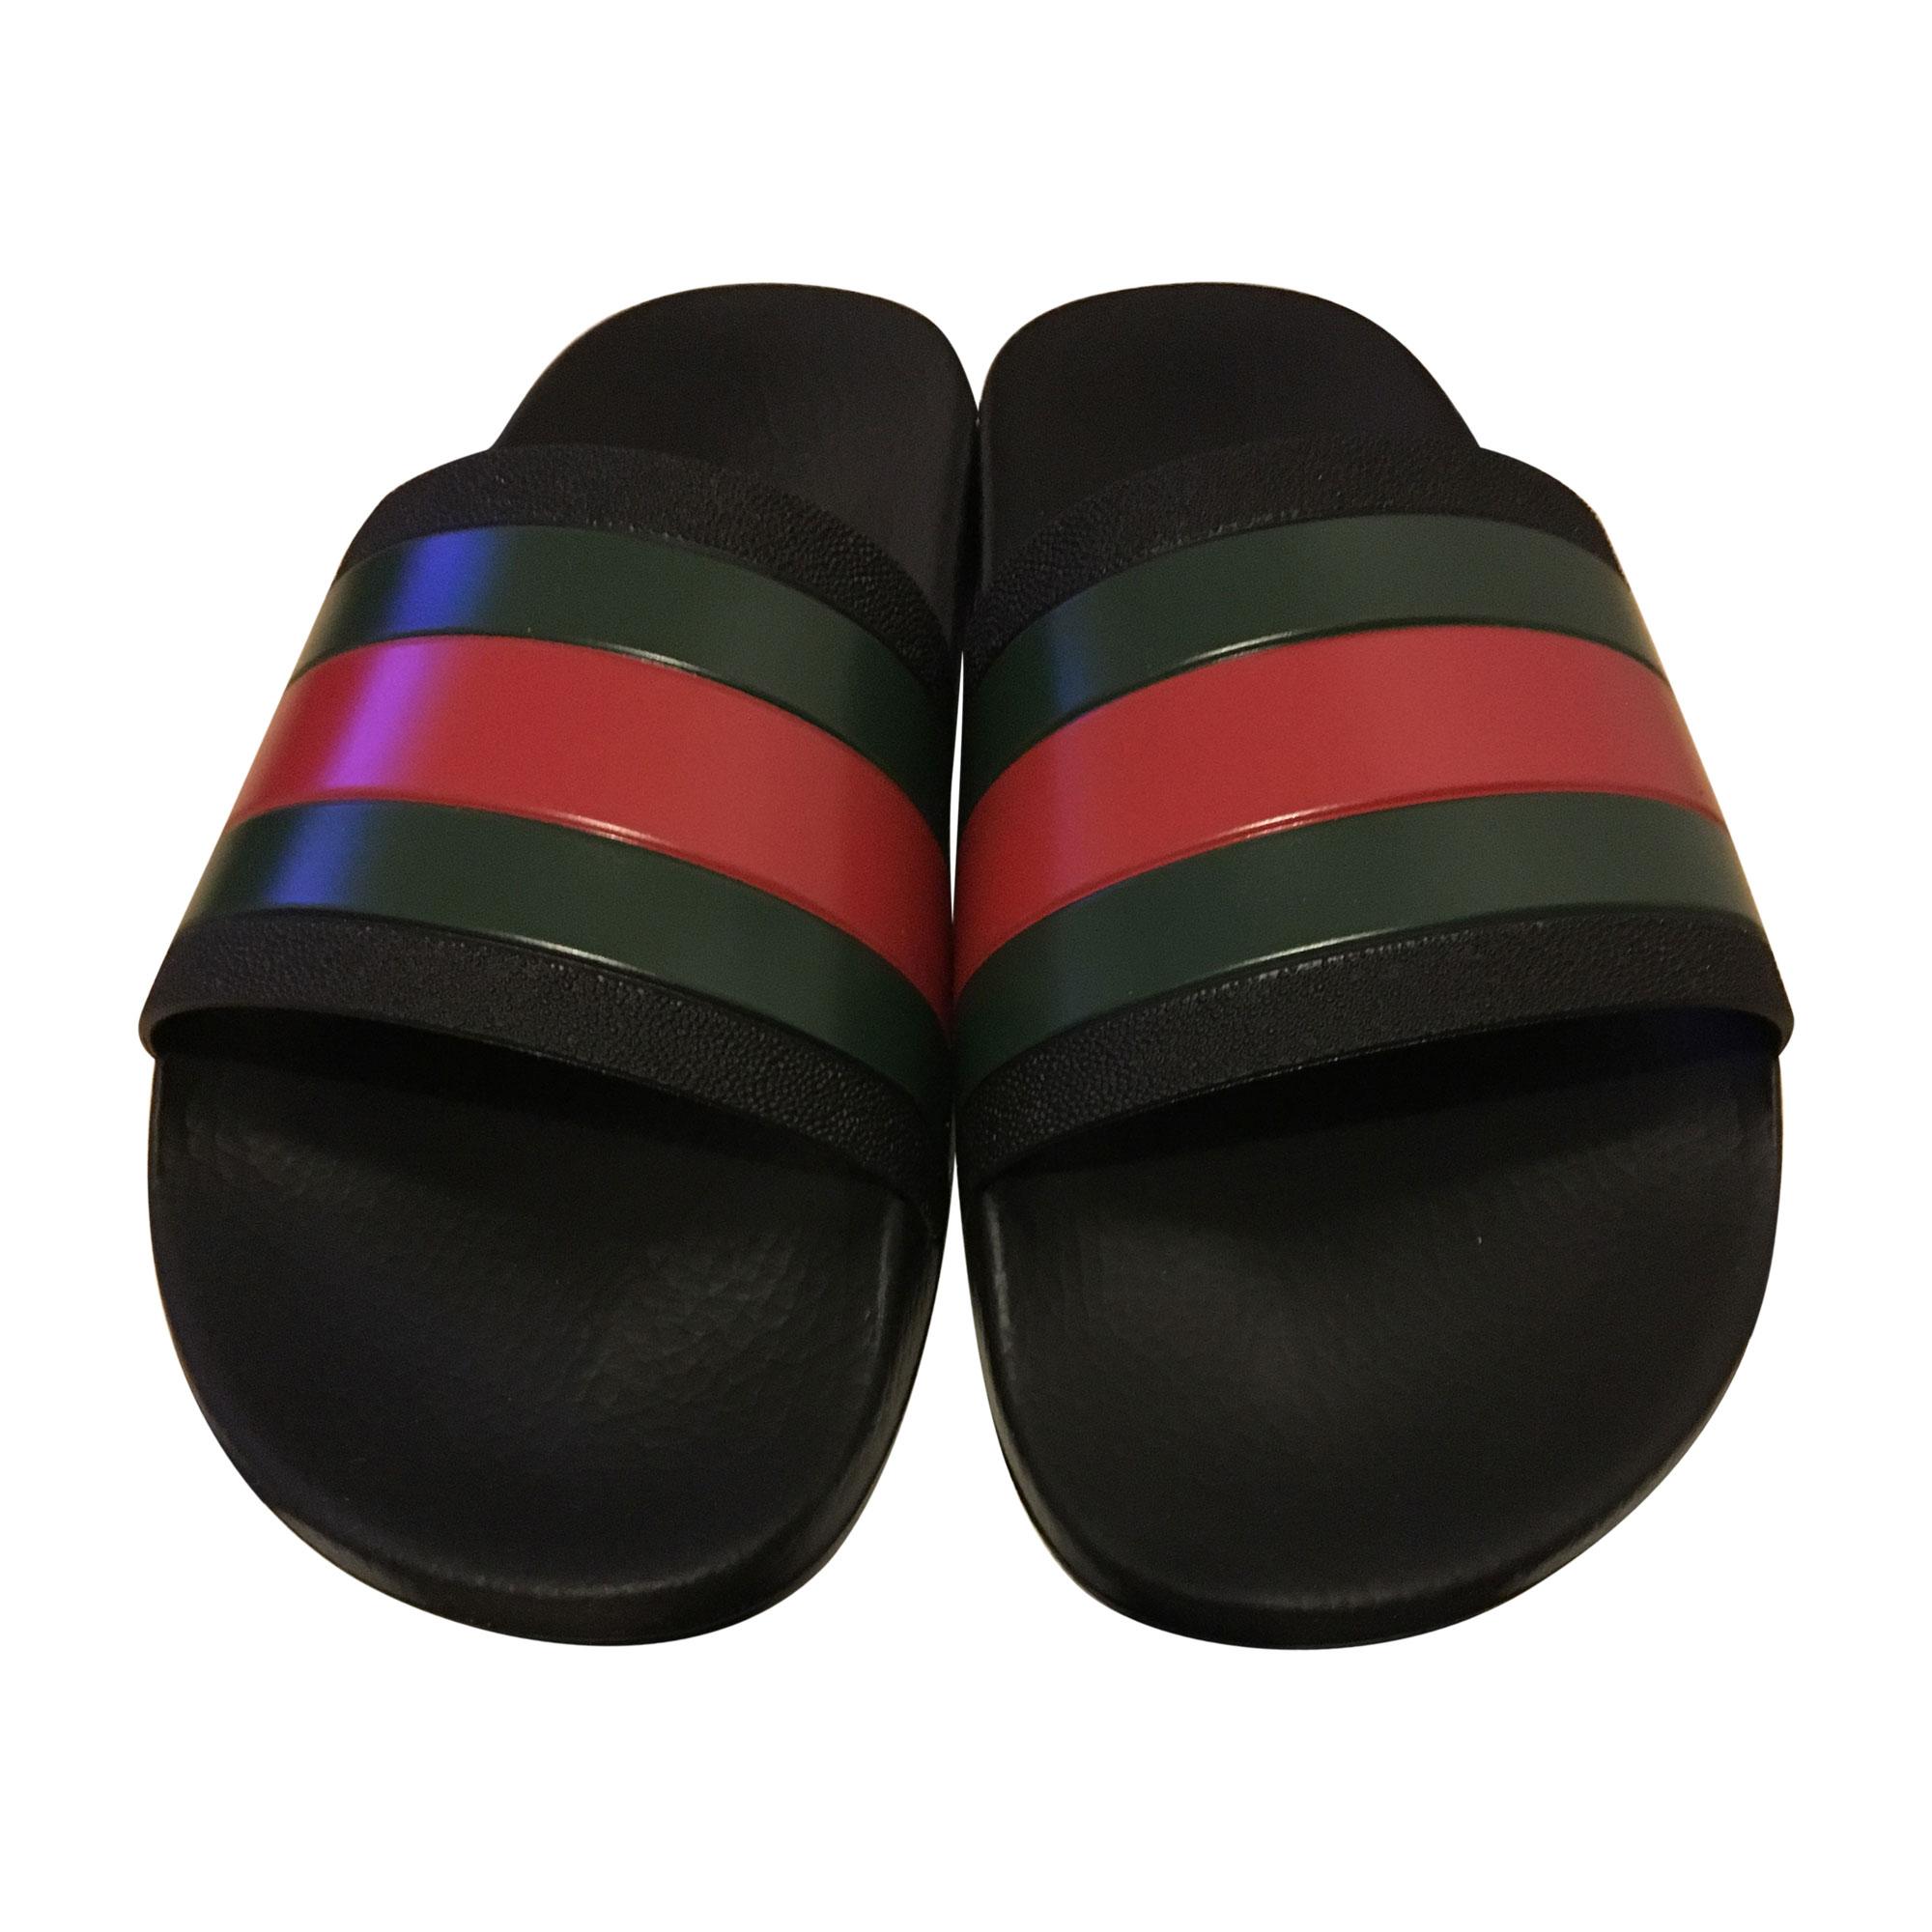 Chaussons   pantoufles GUCCI hysteria 42 noir vendu par Aaliyah14 ... 3ad5705f266